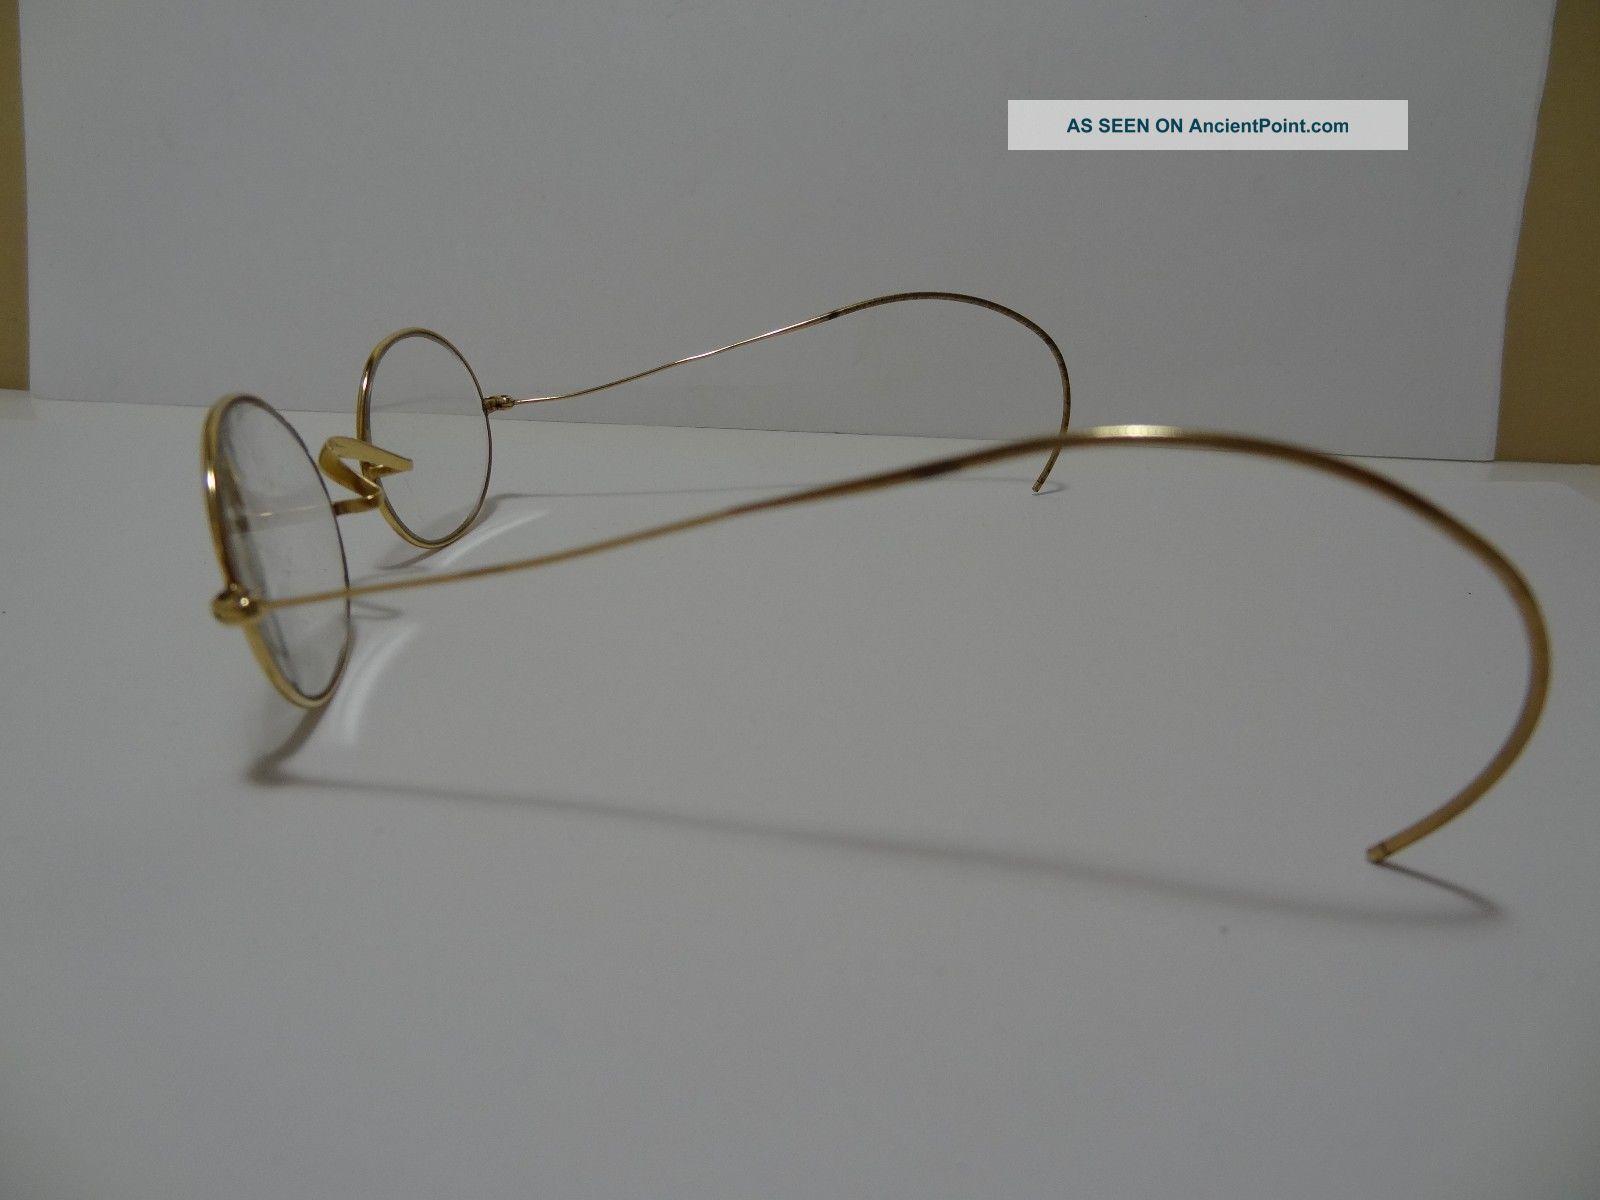 14k Solid Gold Eyeglass Frames : Antique Gold Framed Glasses for Pinterest